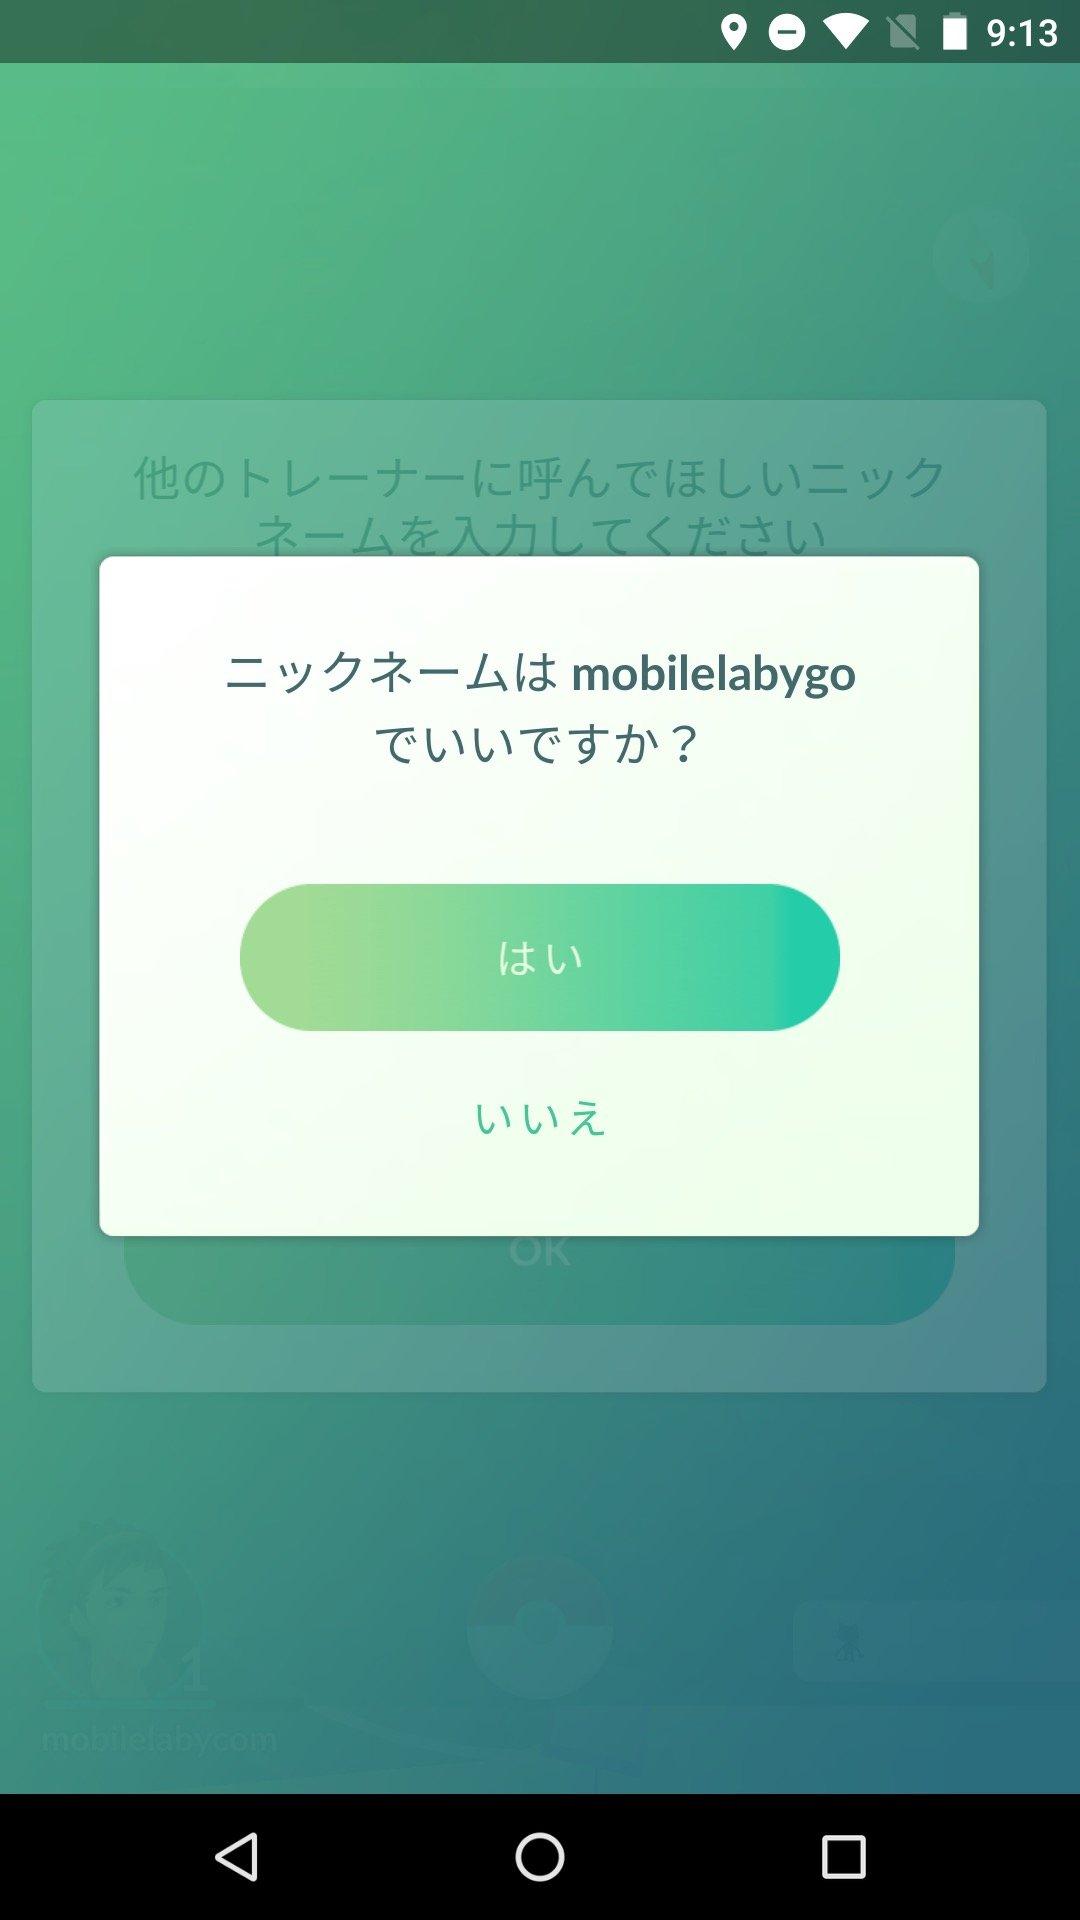 ポケモンGOの名前/ニックネームを変更する方法